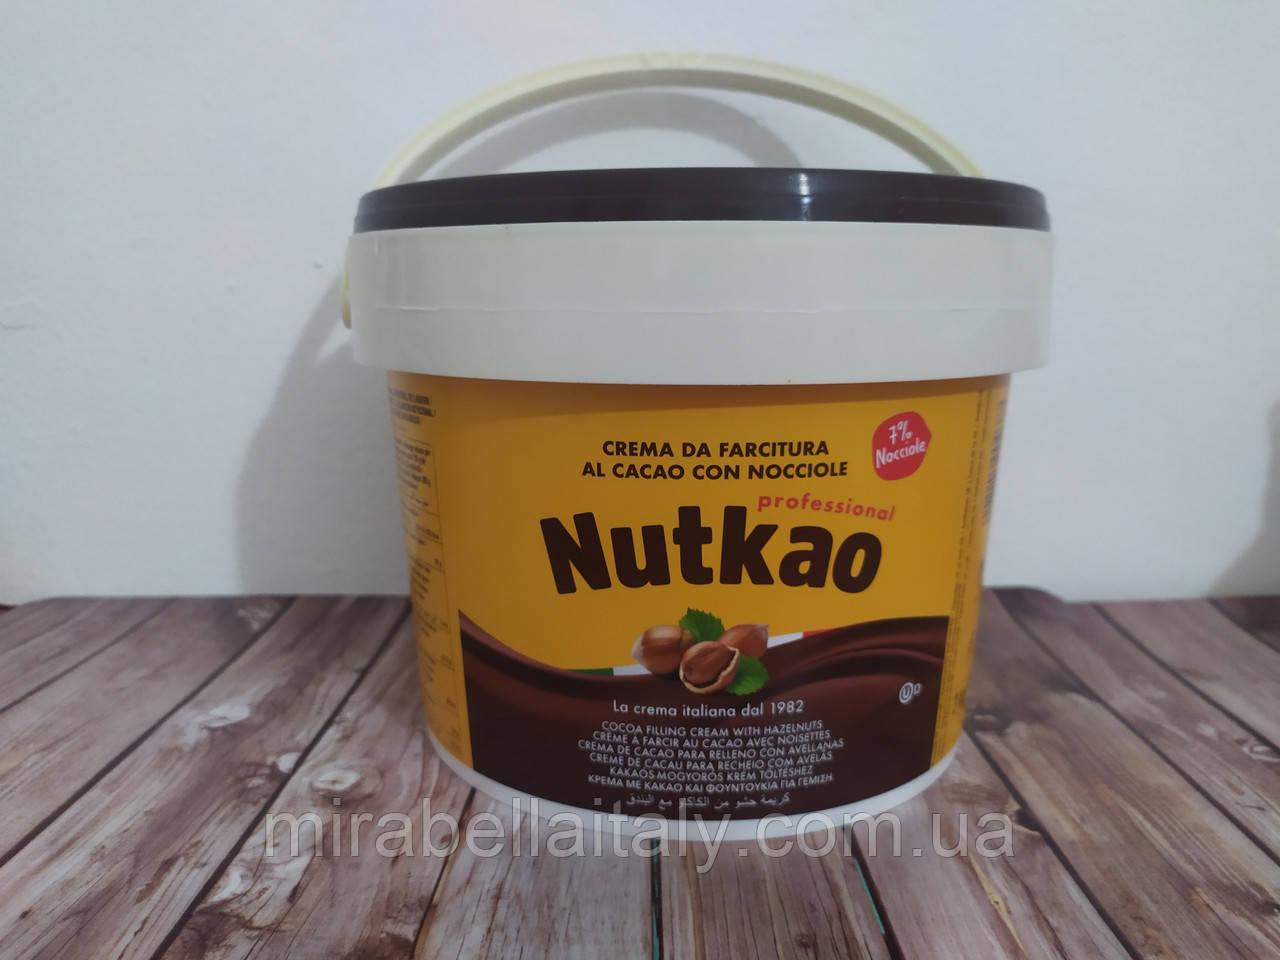 Шоколадная паста Nutkao.ведро 3 кг.Италия